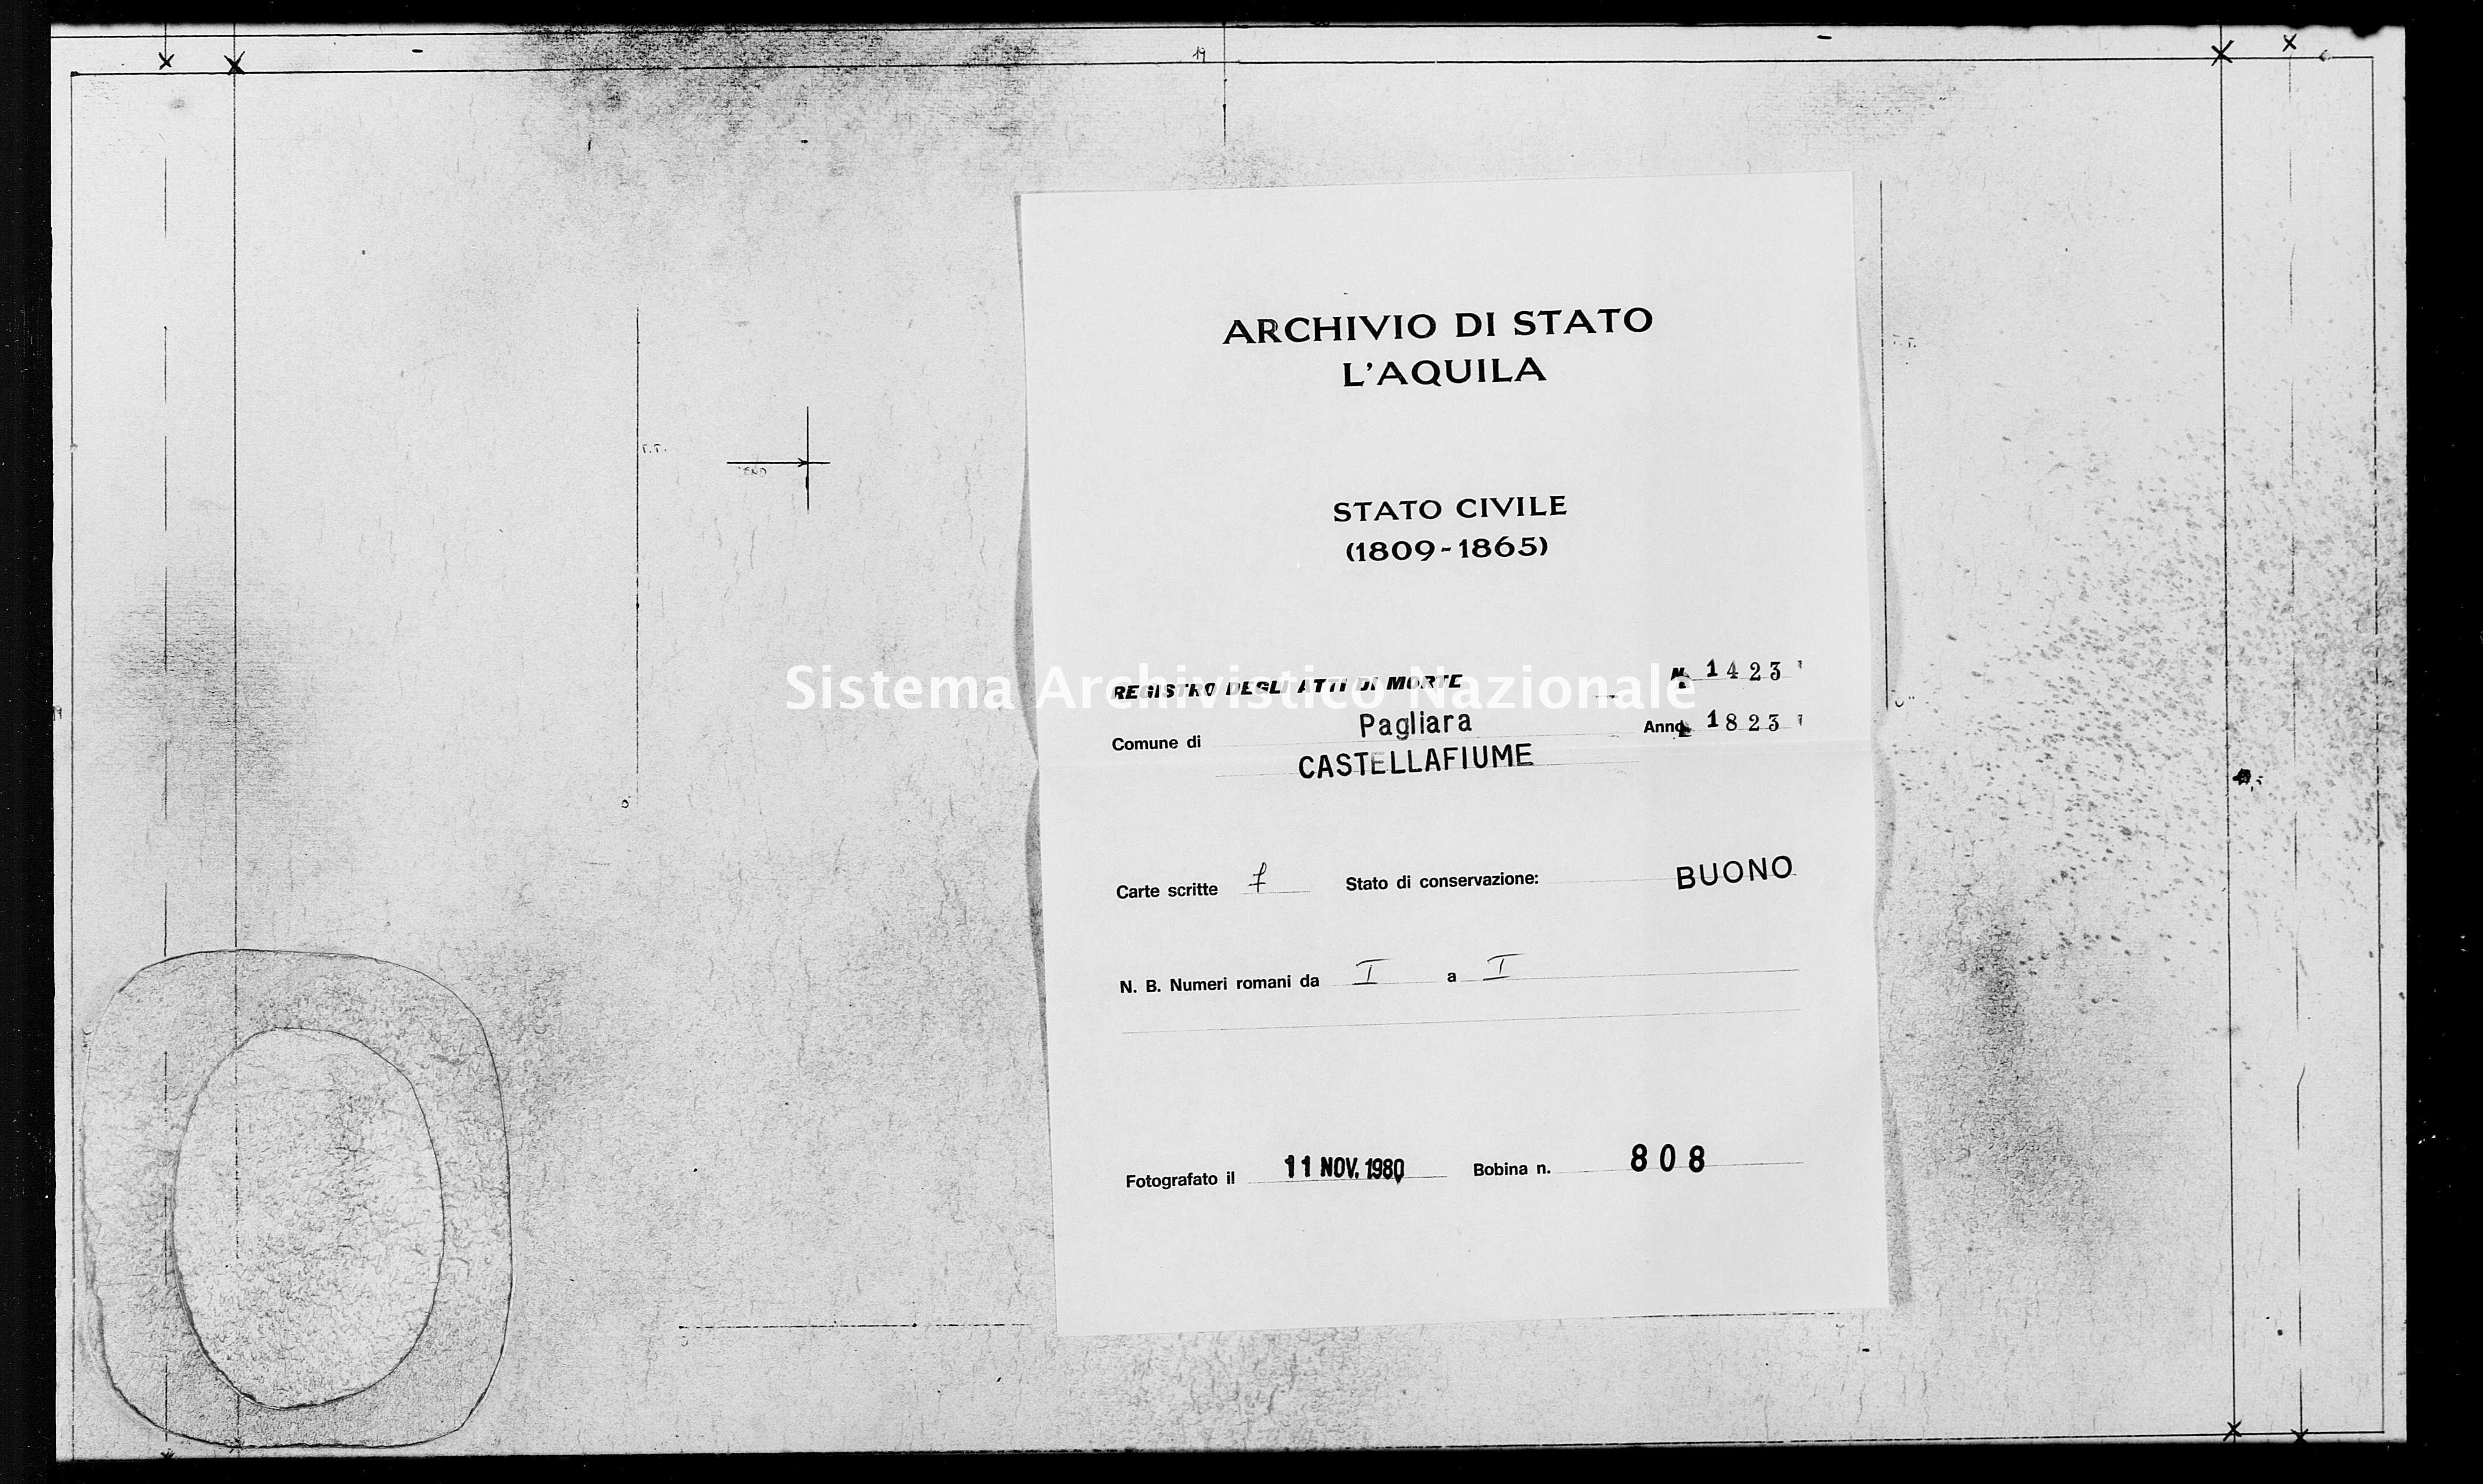 Archivio di stato di L'aquila - Stato civile della restaurazione - Pagliara - Morti - 1823 - 1423 -